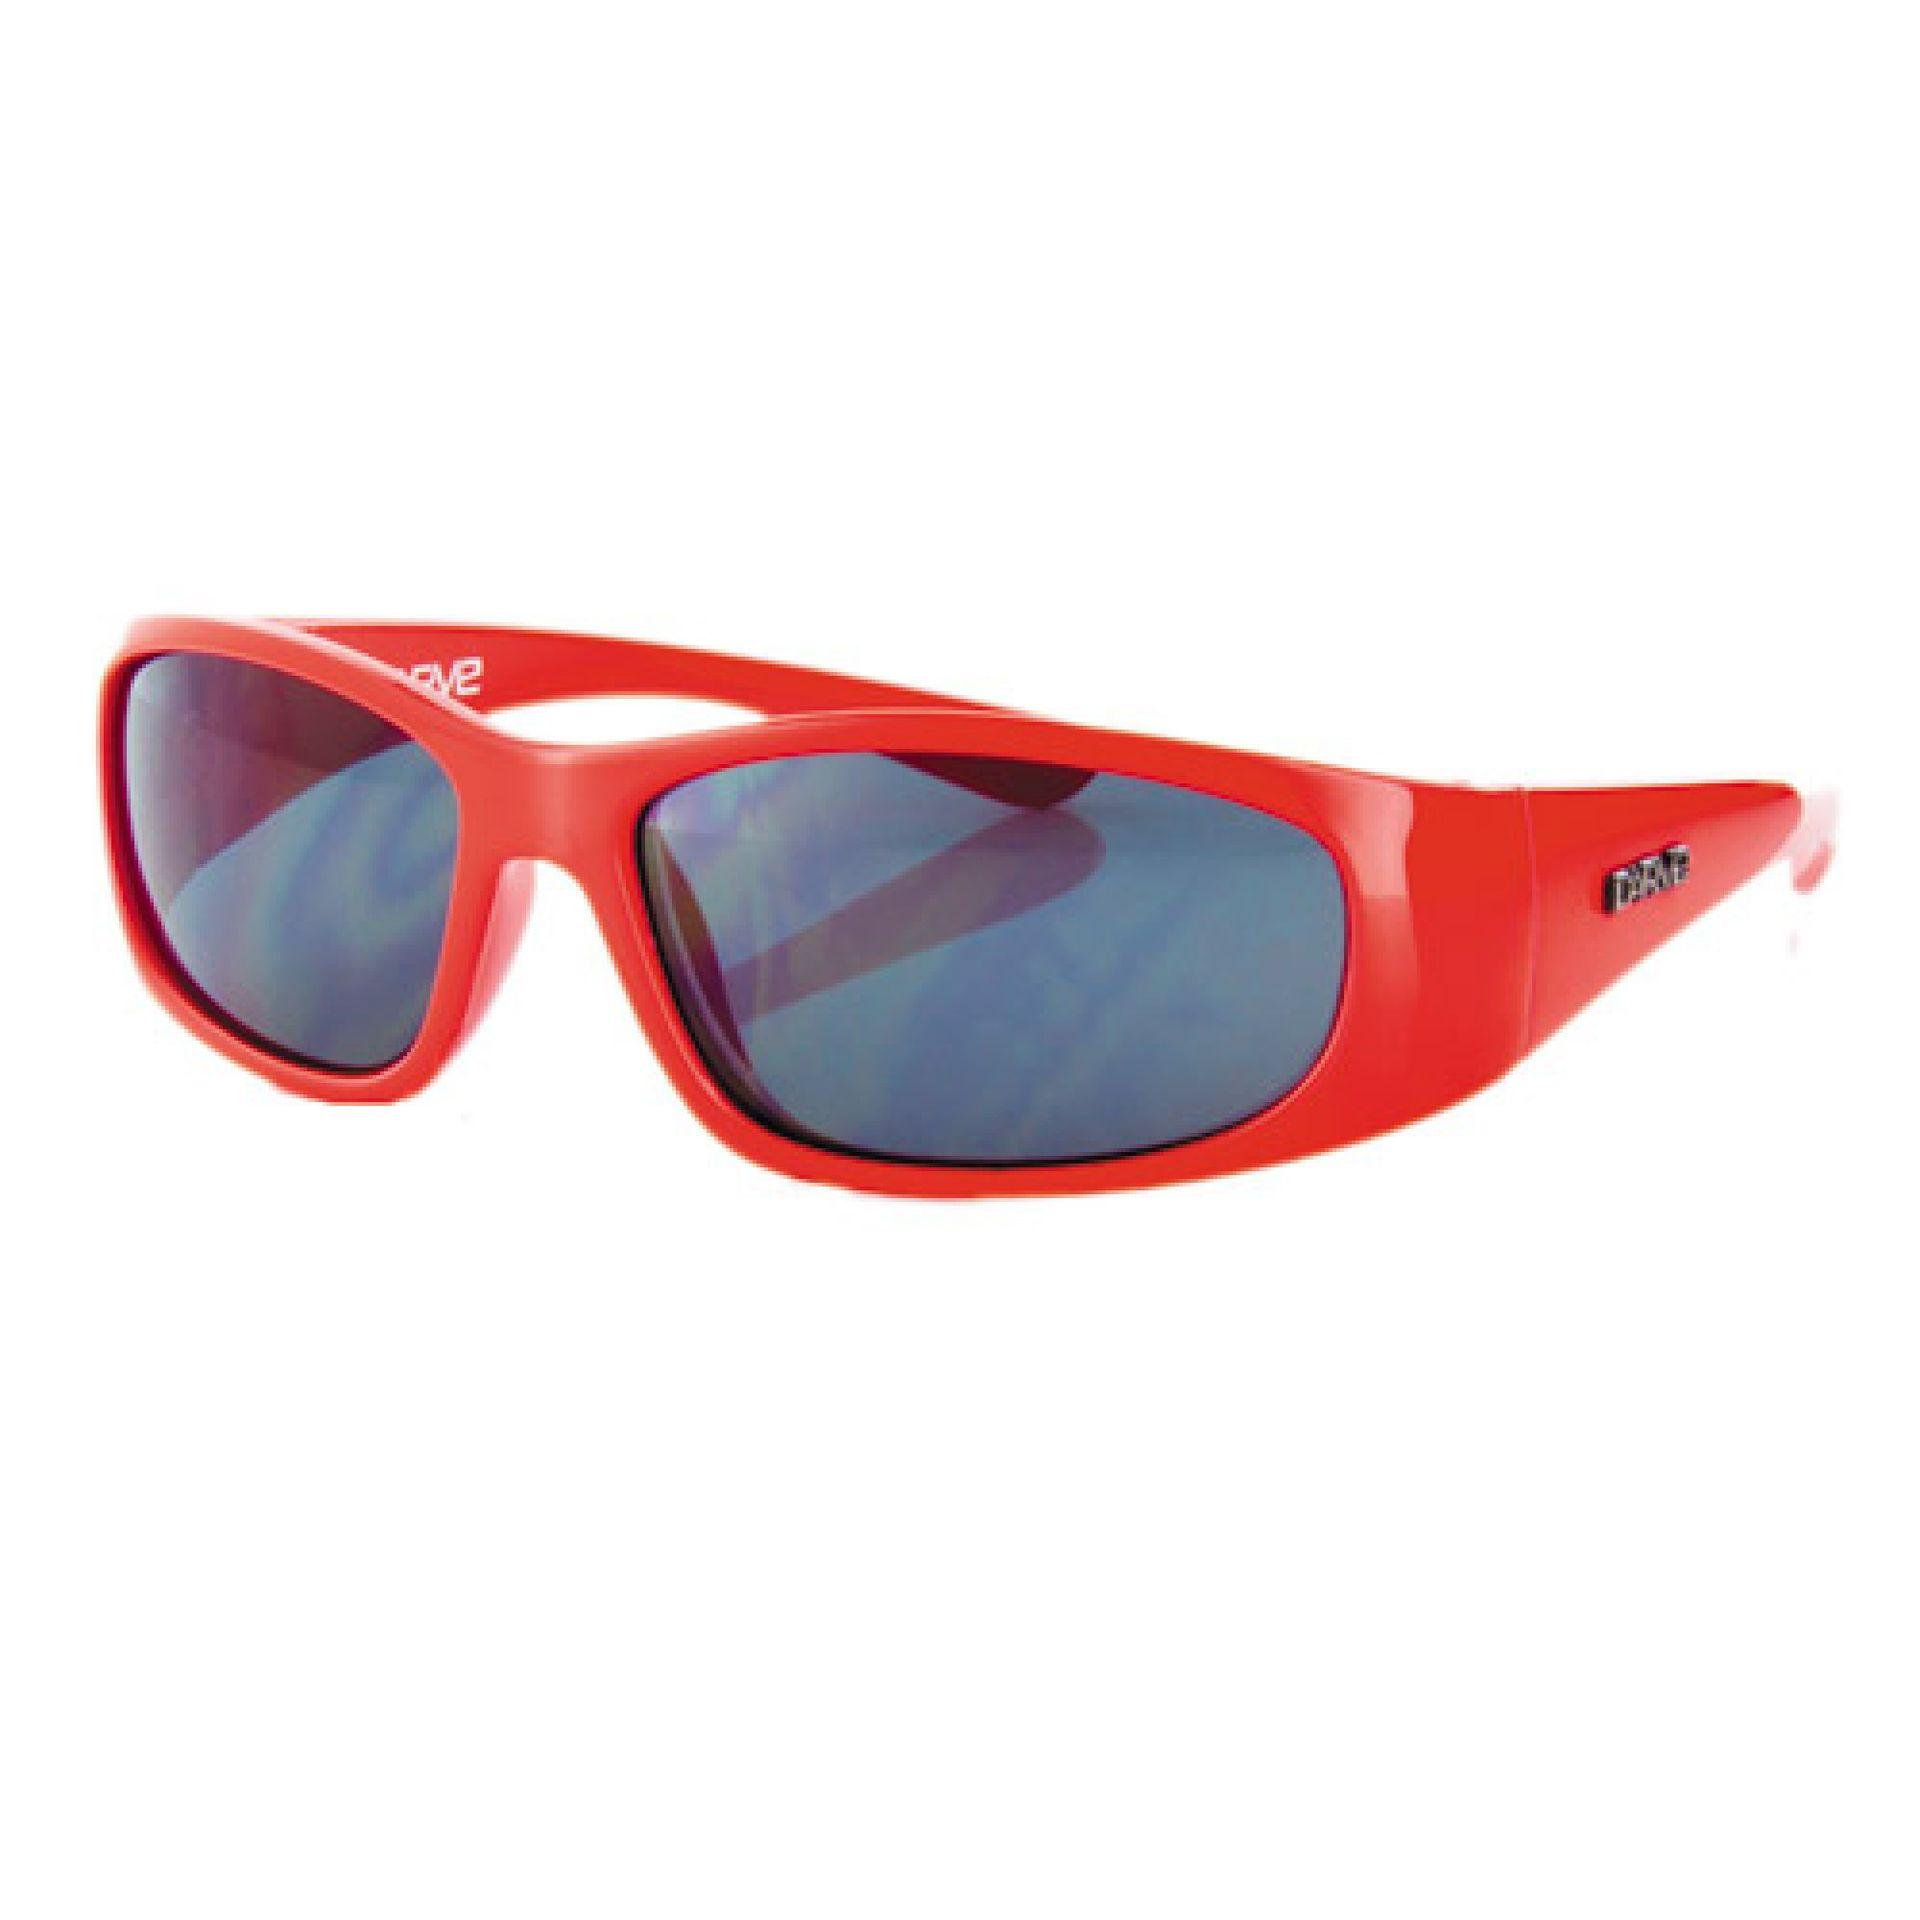 Okulary Carve Racer czerwone